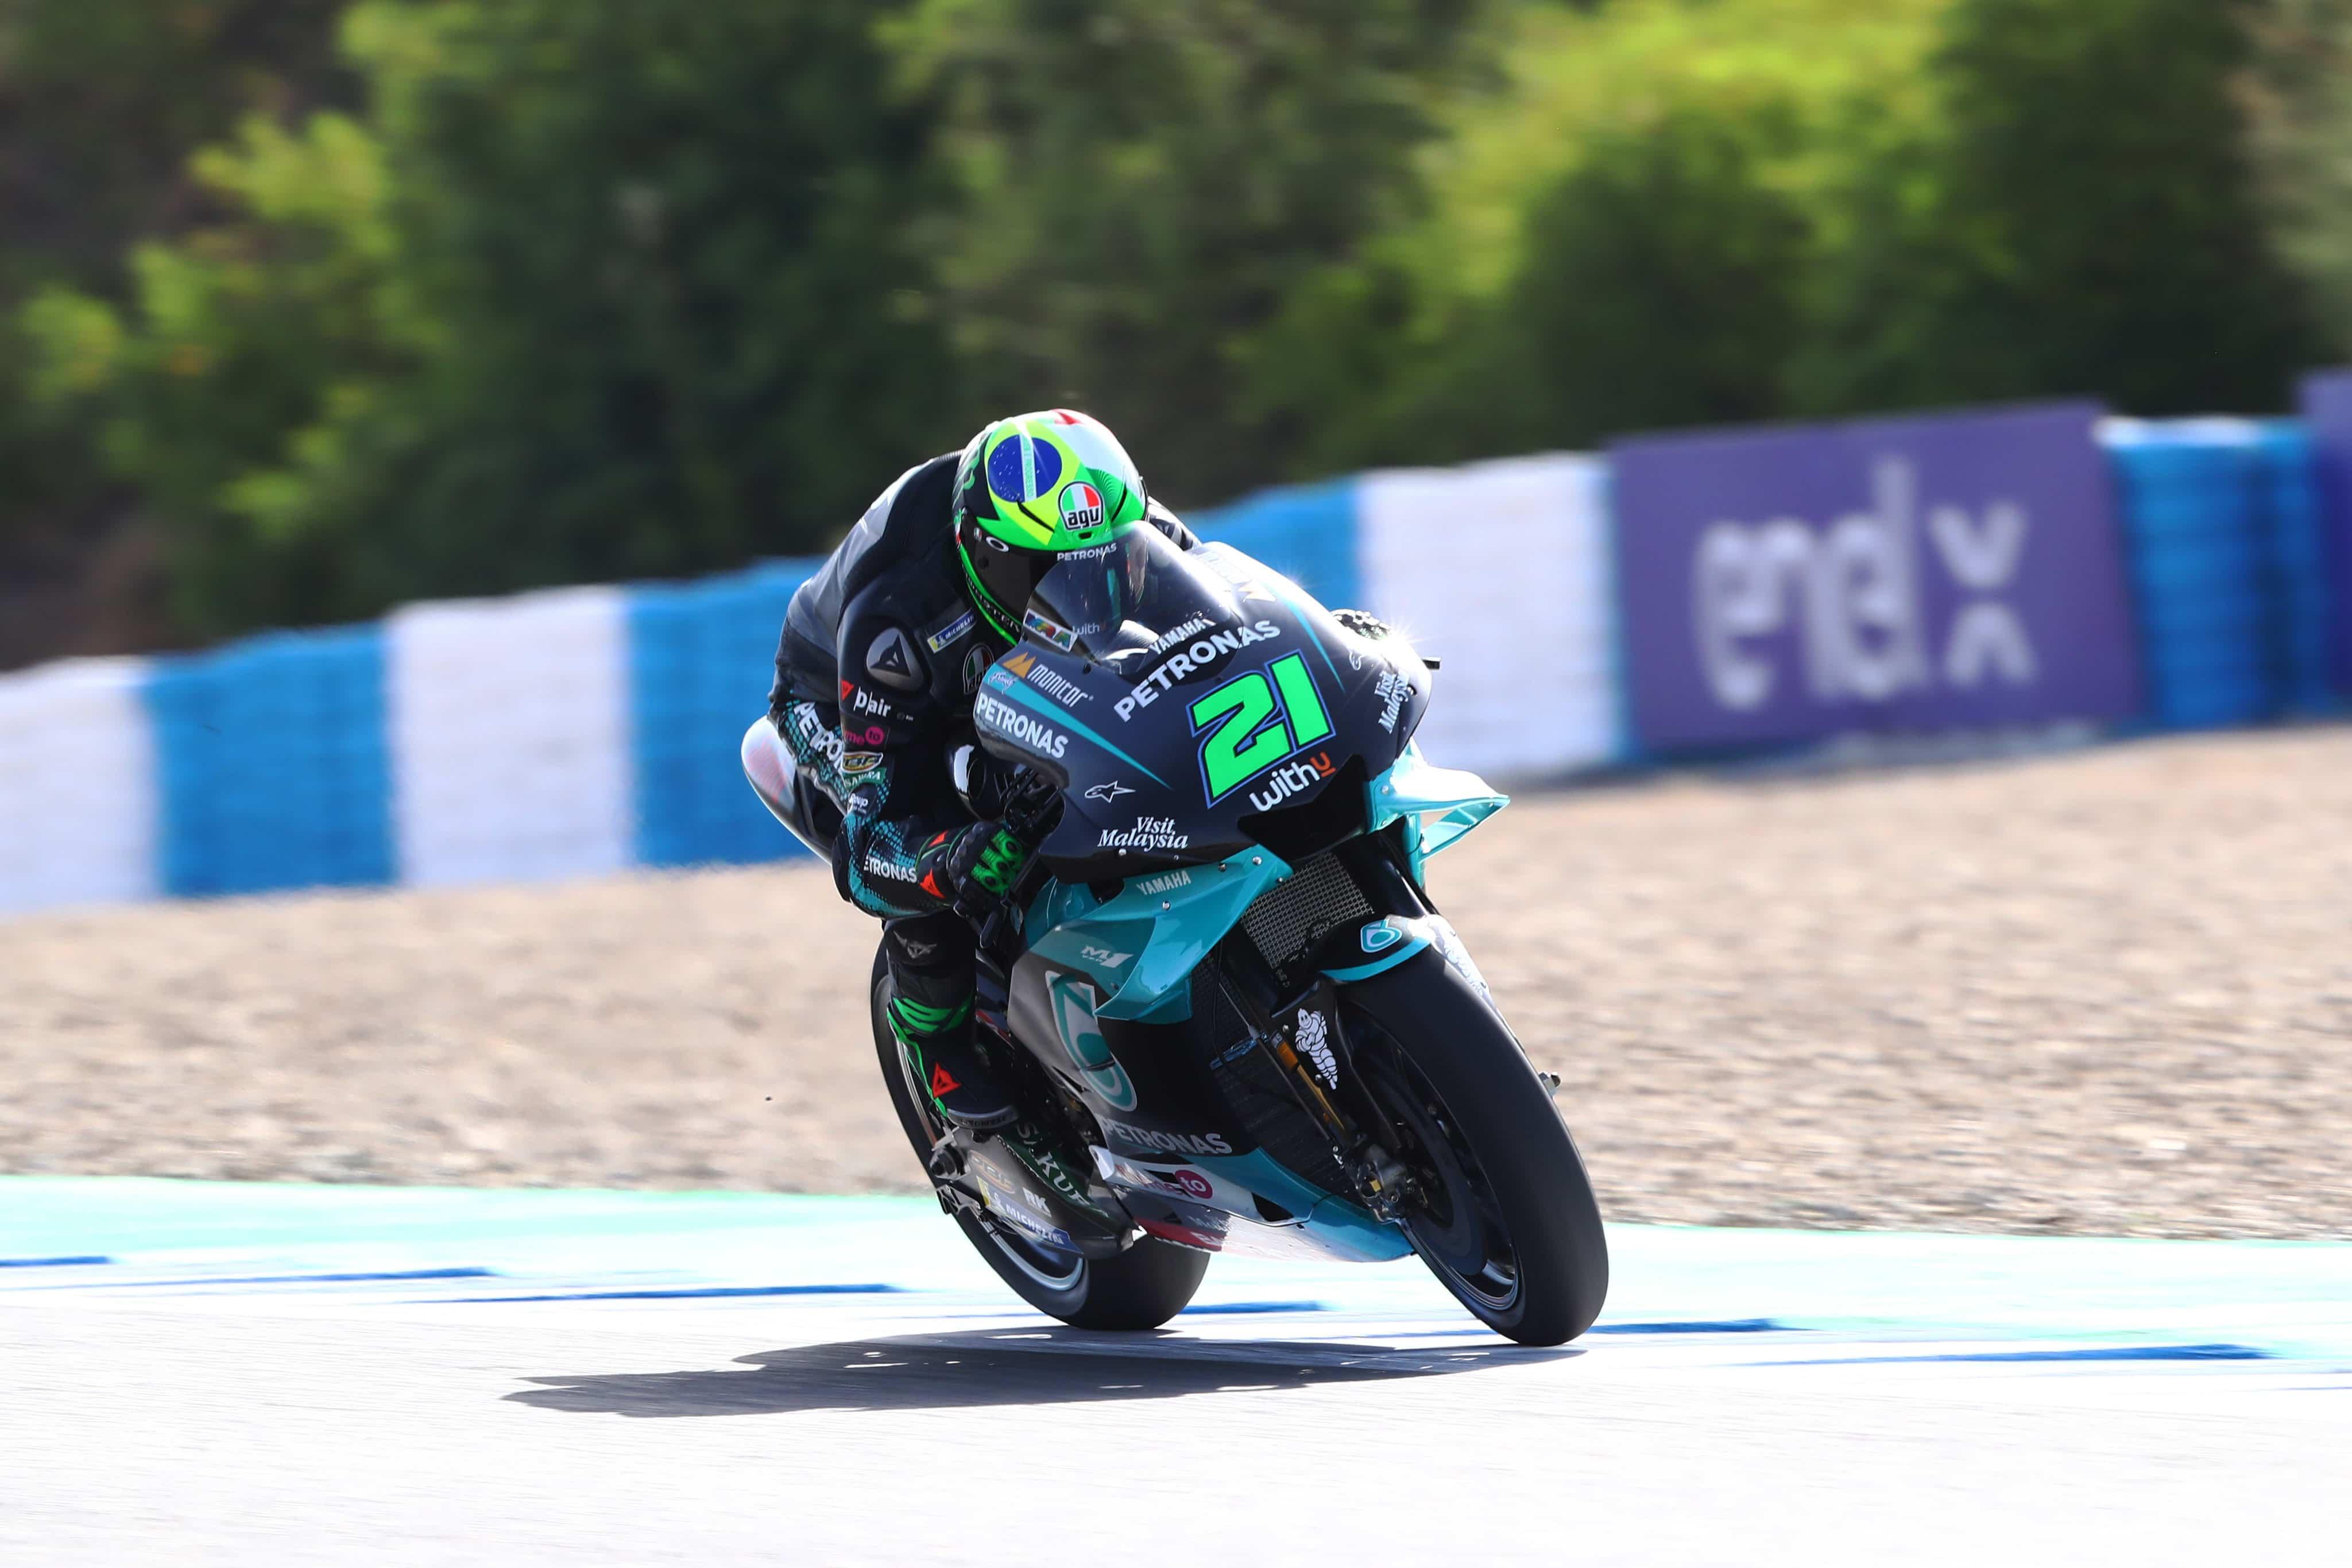 スペインGP 5位フランコ・モルビデッリ「今回は予選が課題だった」